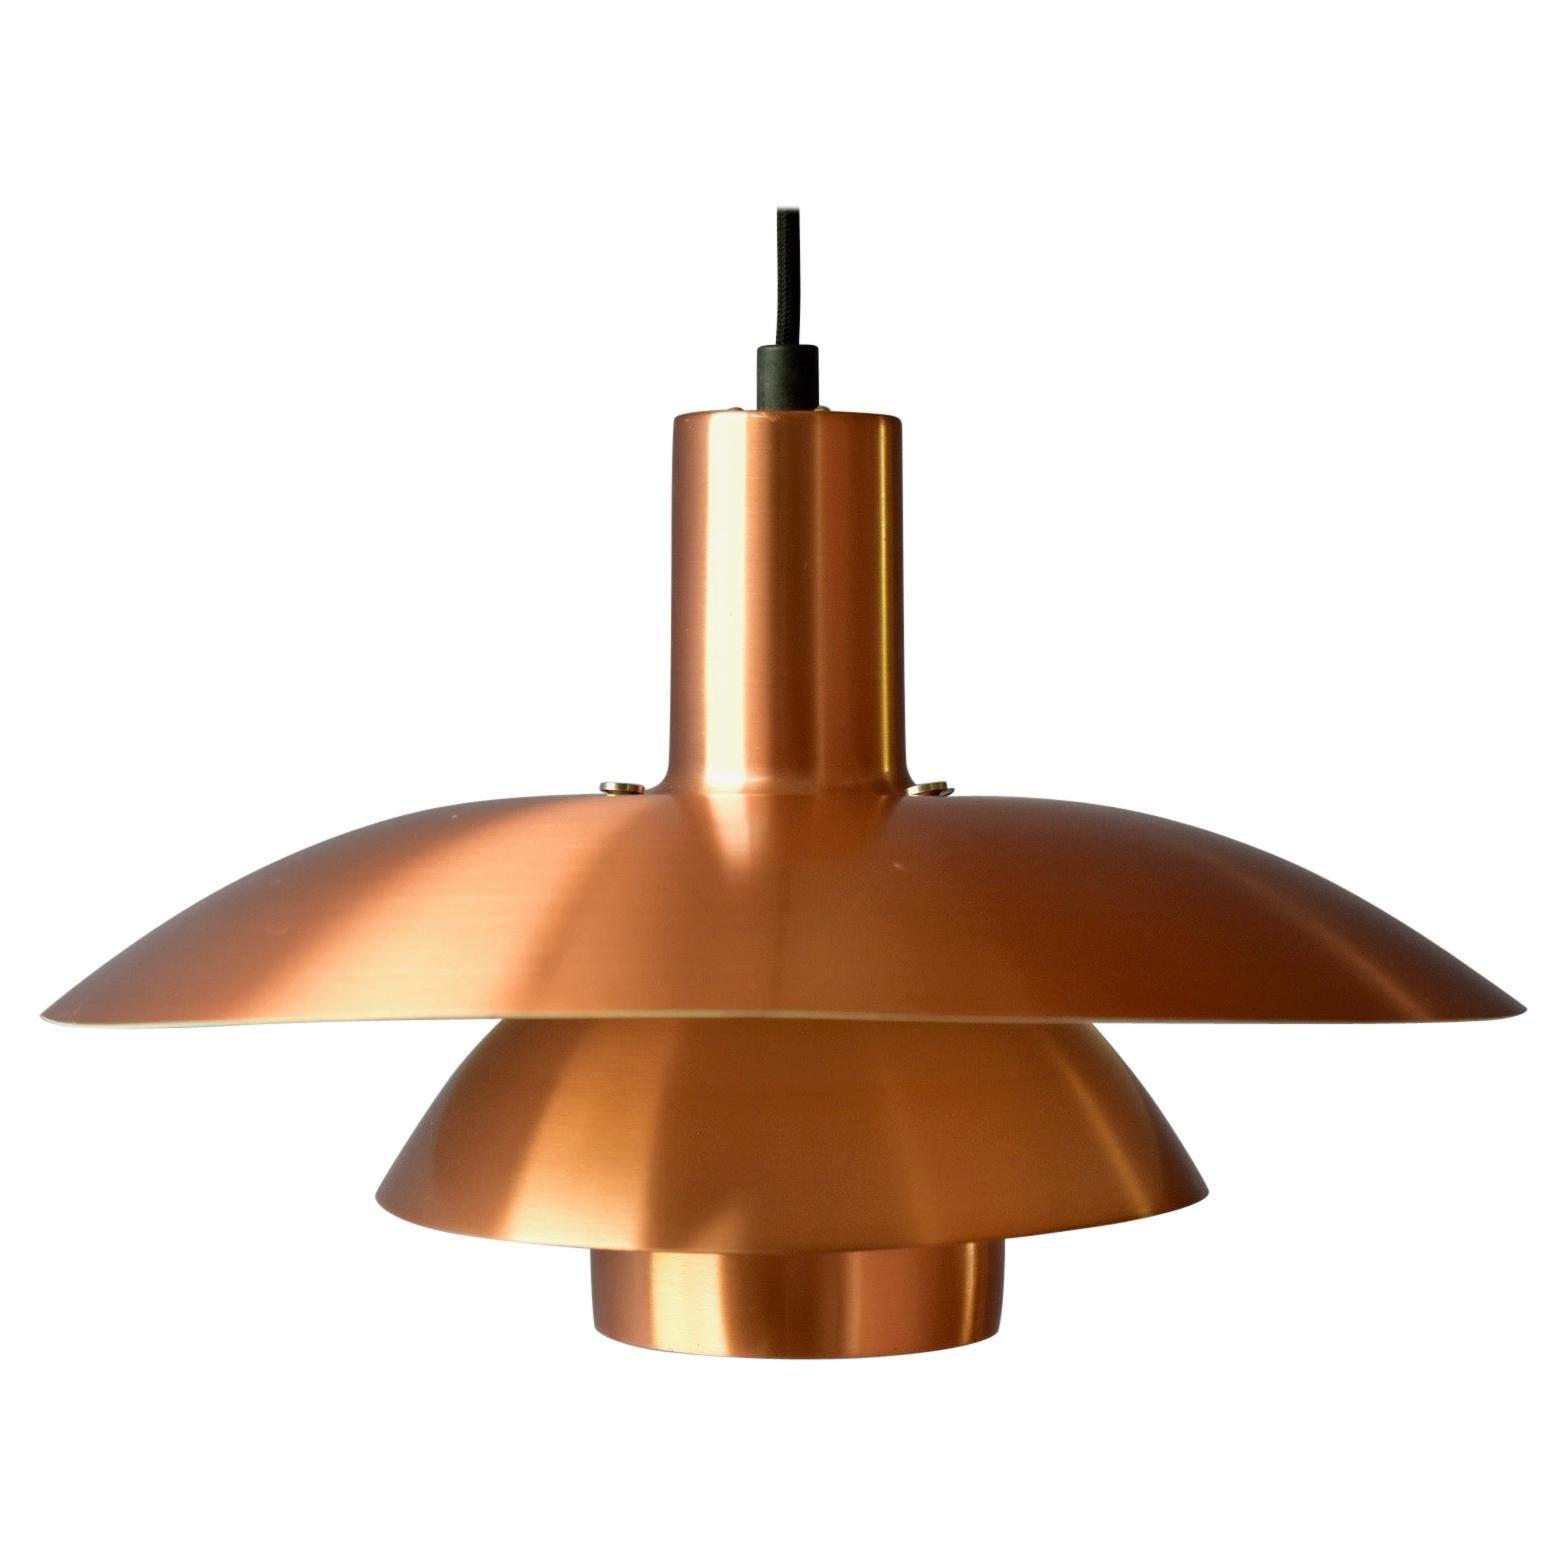 Copper Poul Henningsen PH 4-4 1/2 Made in Denmark